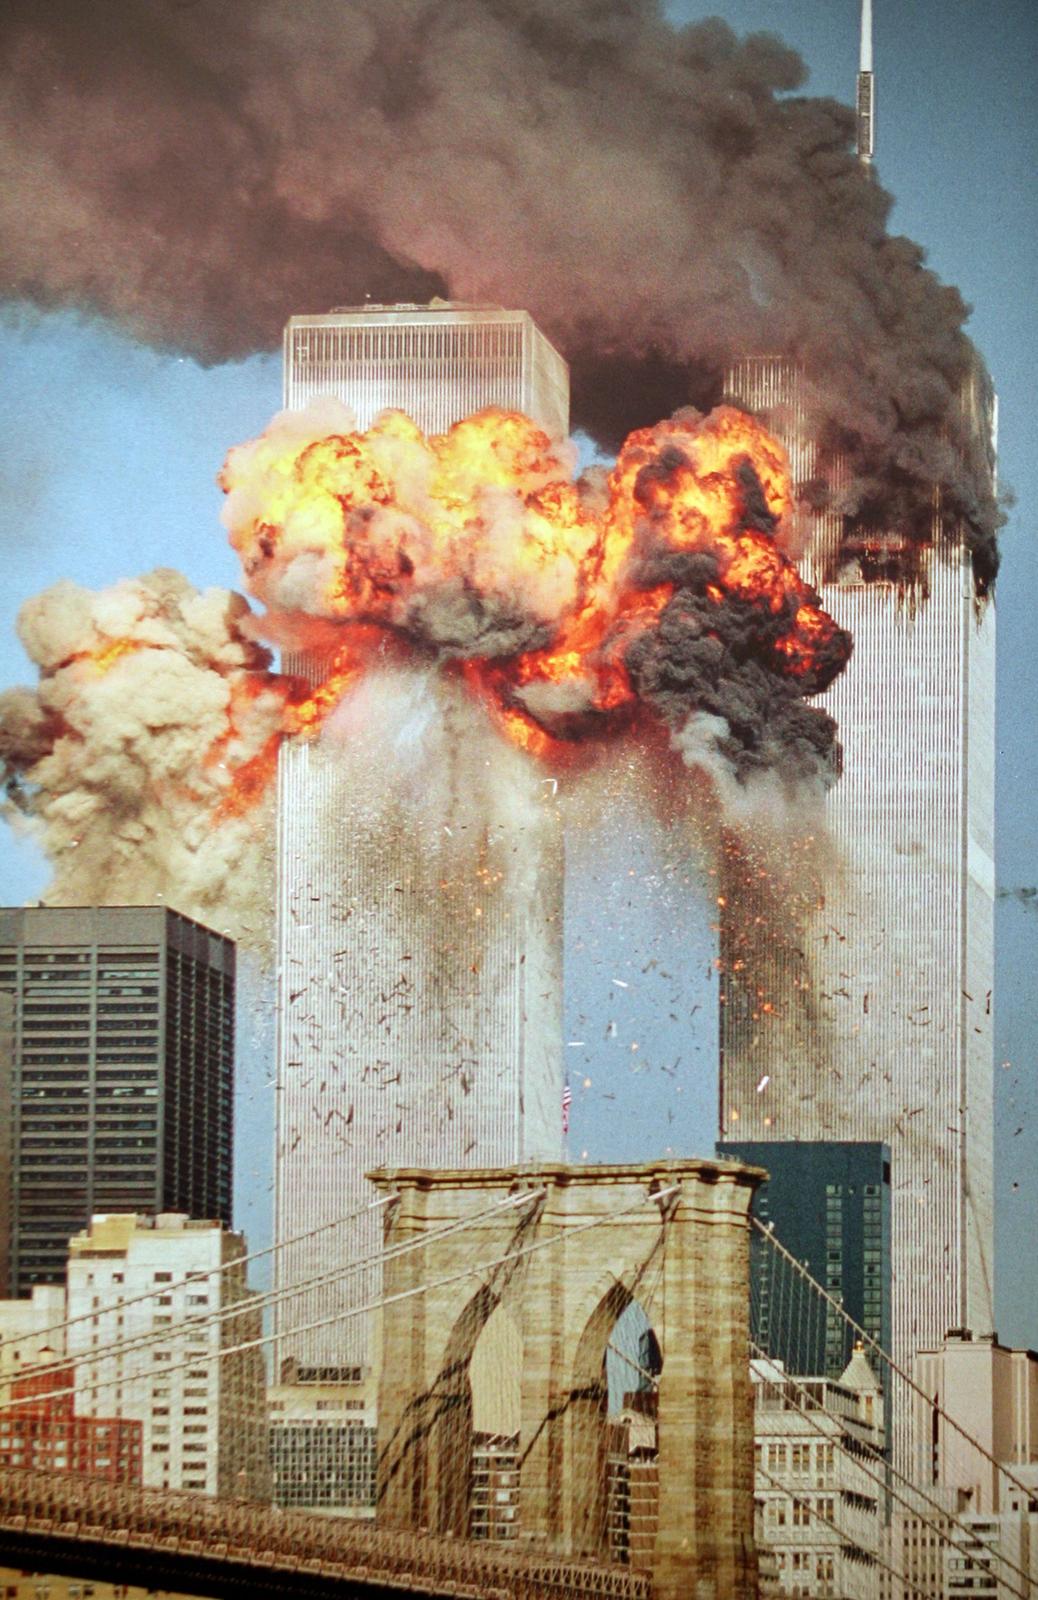 Zdjęcie przedstawia moment zderzenia samolotów zwieżami WTC wNowym Jorku w2001 roku. Górna część pierwszej wieży otoczona jest kłębami czarnego dymu ipłomieniami ognia. Druga wieża, stojąca za pierwszą, jest zniszczona poniżej dachu. Górną część drugiej wieży zakrywa gęsty czarny dym unoszący się wlewą stronę. Wokół budynków spadają kawałki szkła ifasady.